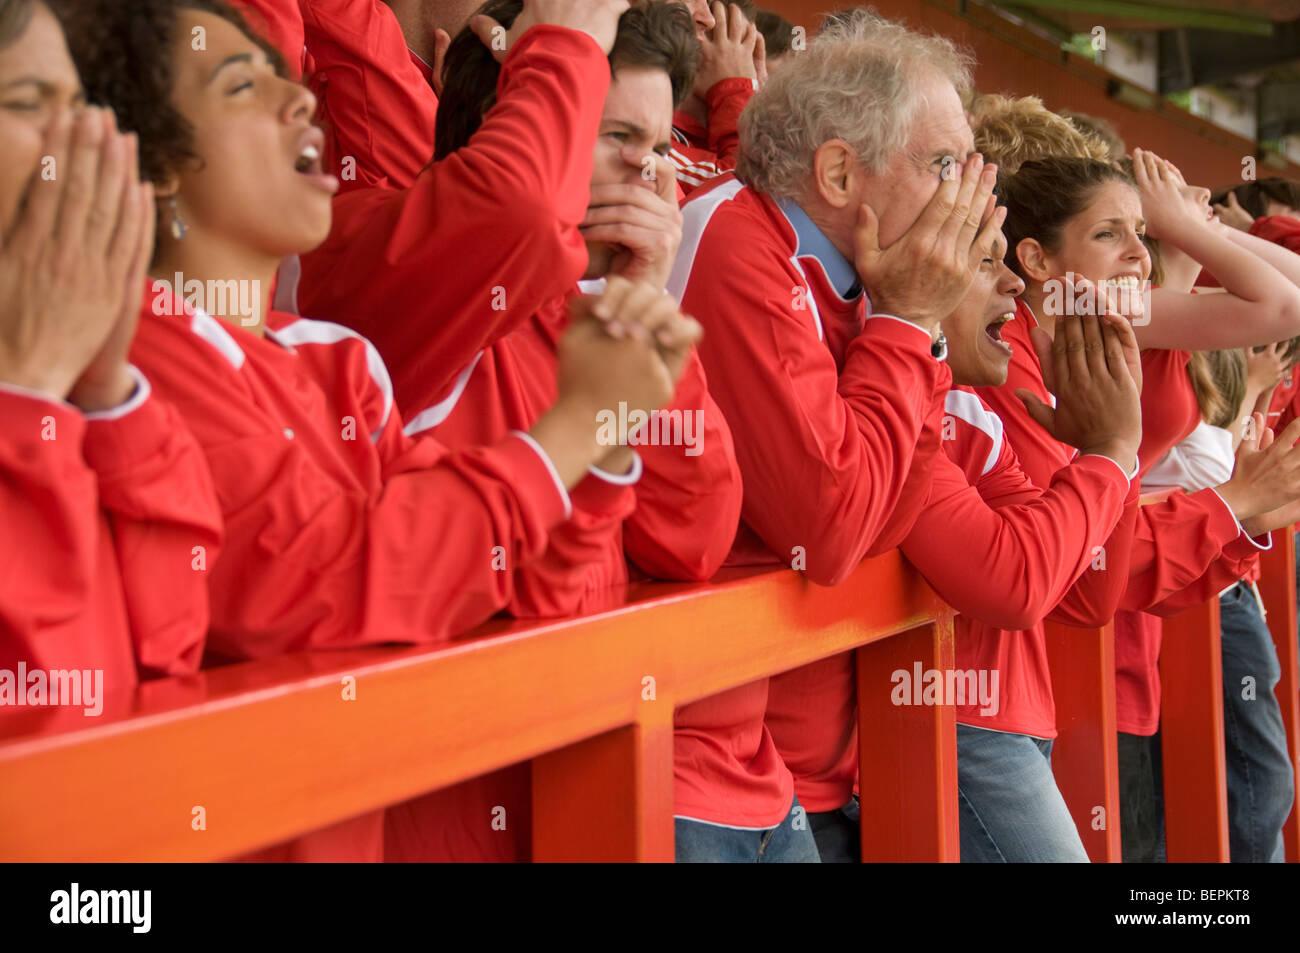 Gruppo di frustrati i tifosi di calcio Immagini Stock